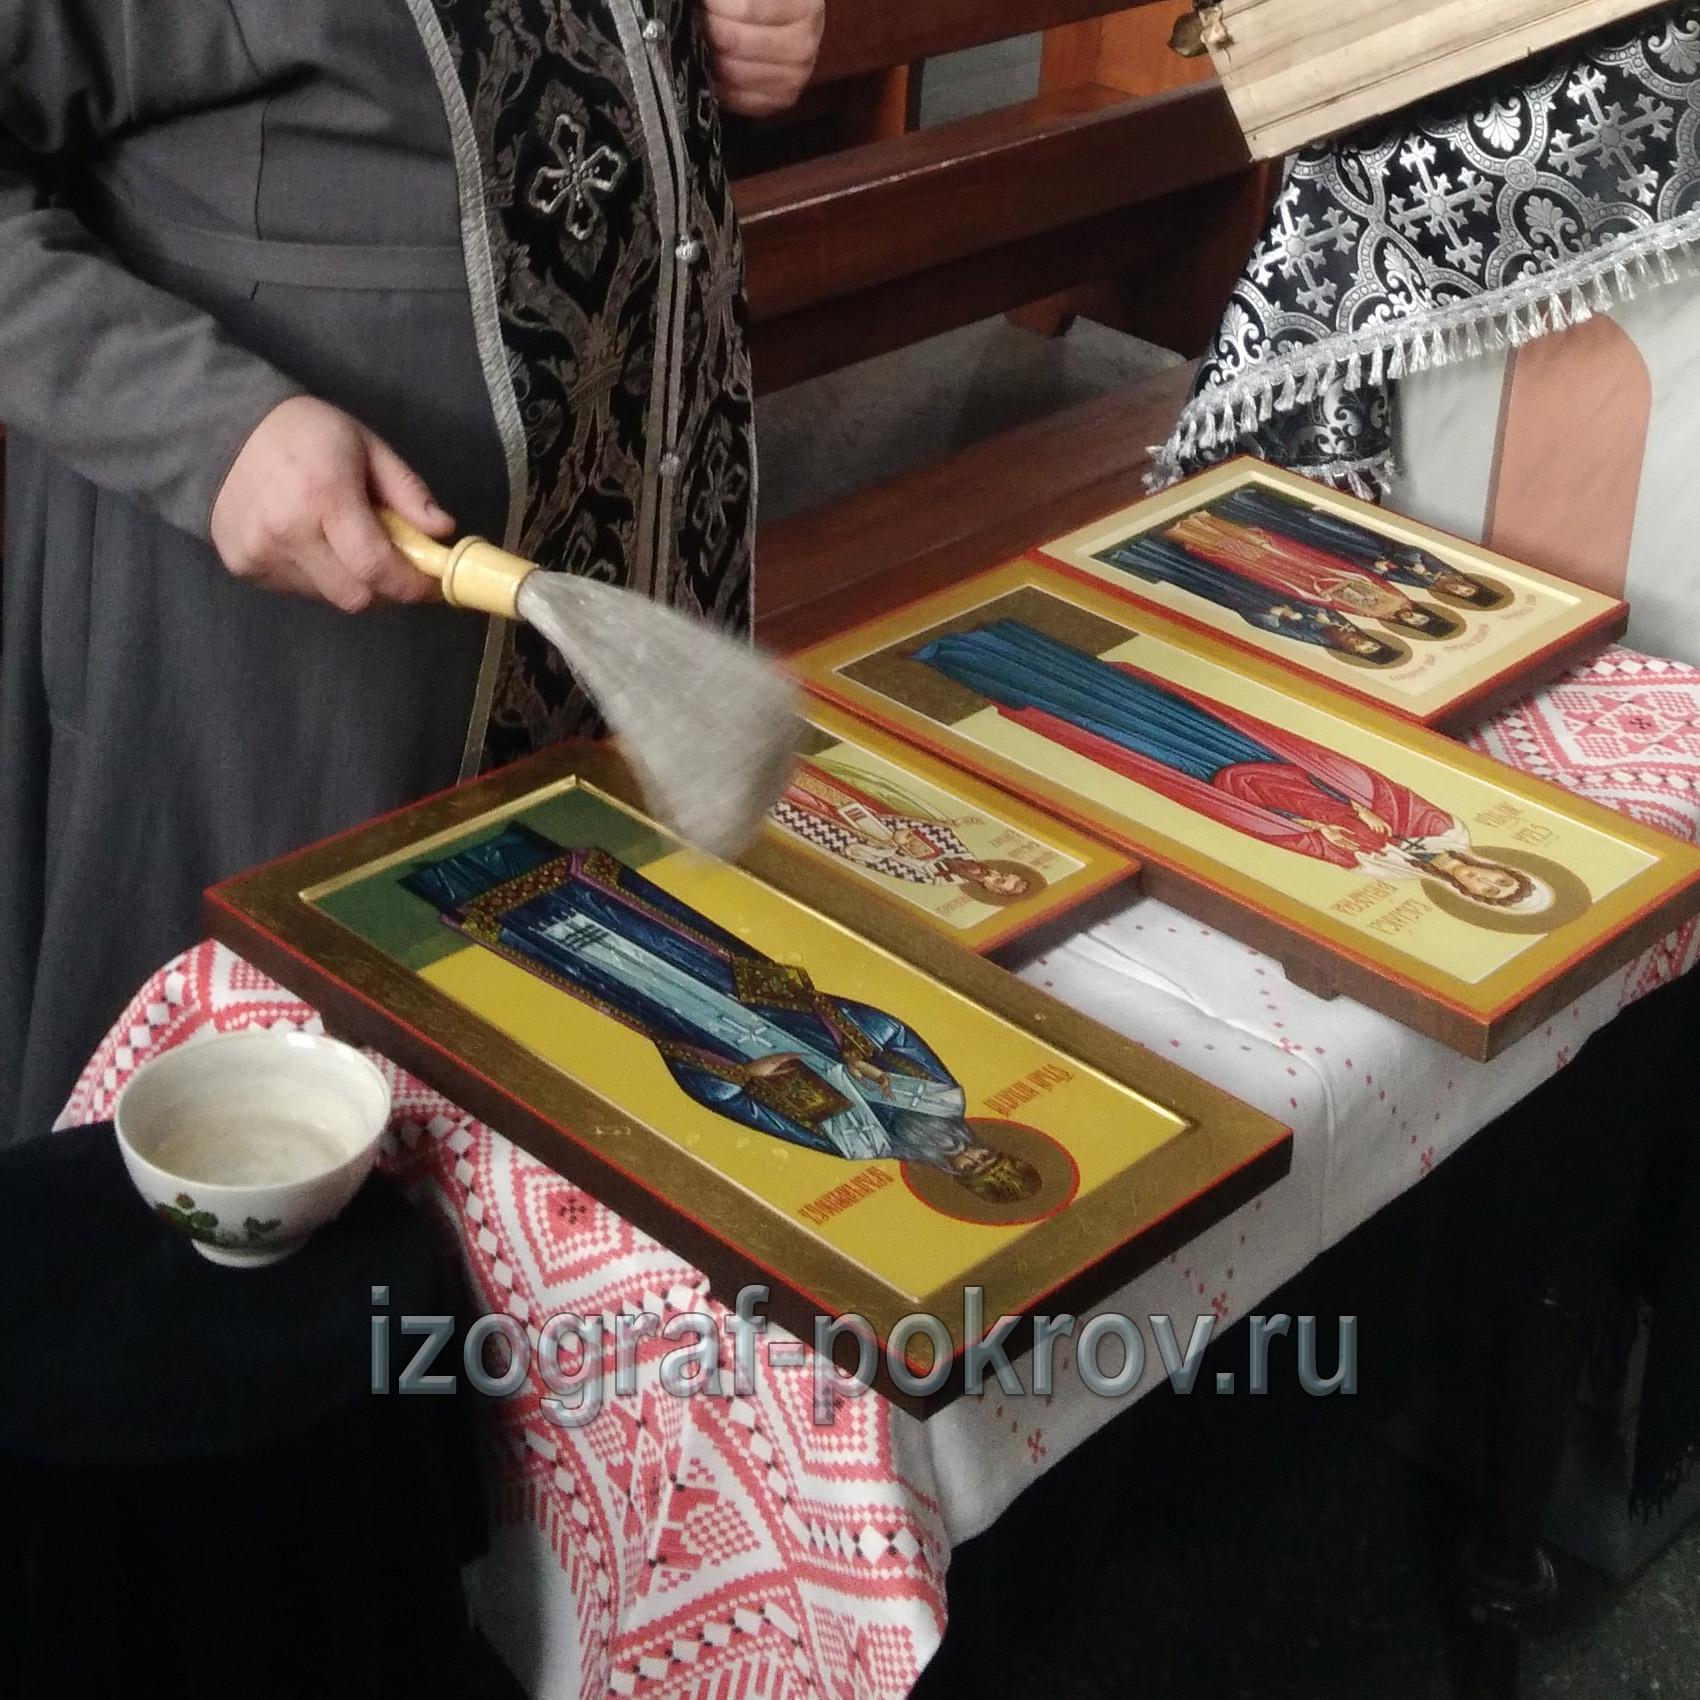 Освящение иконы Игнатия Бранчанинова в храме Покрова Пресвятой Богородицы